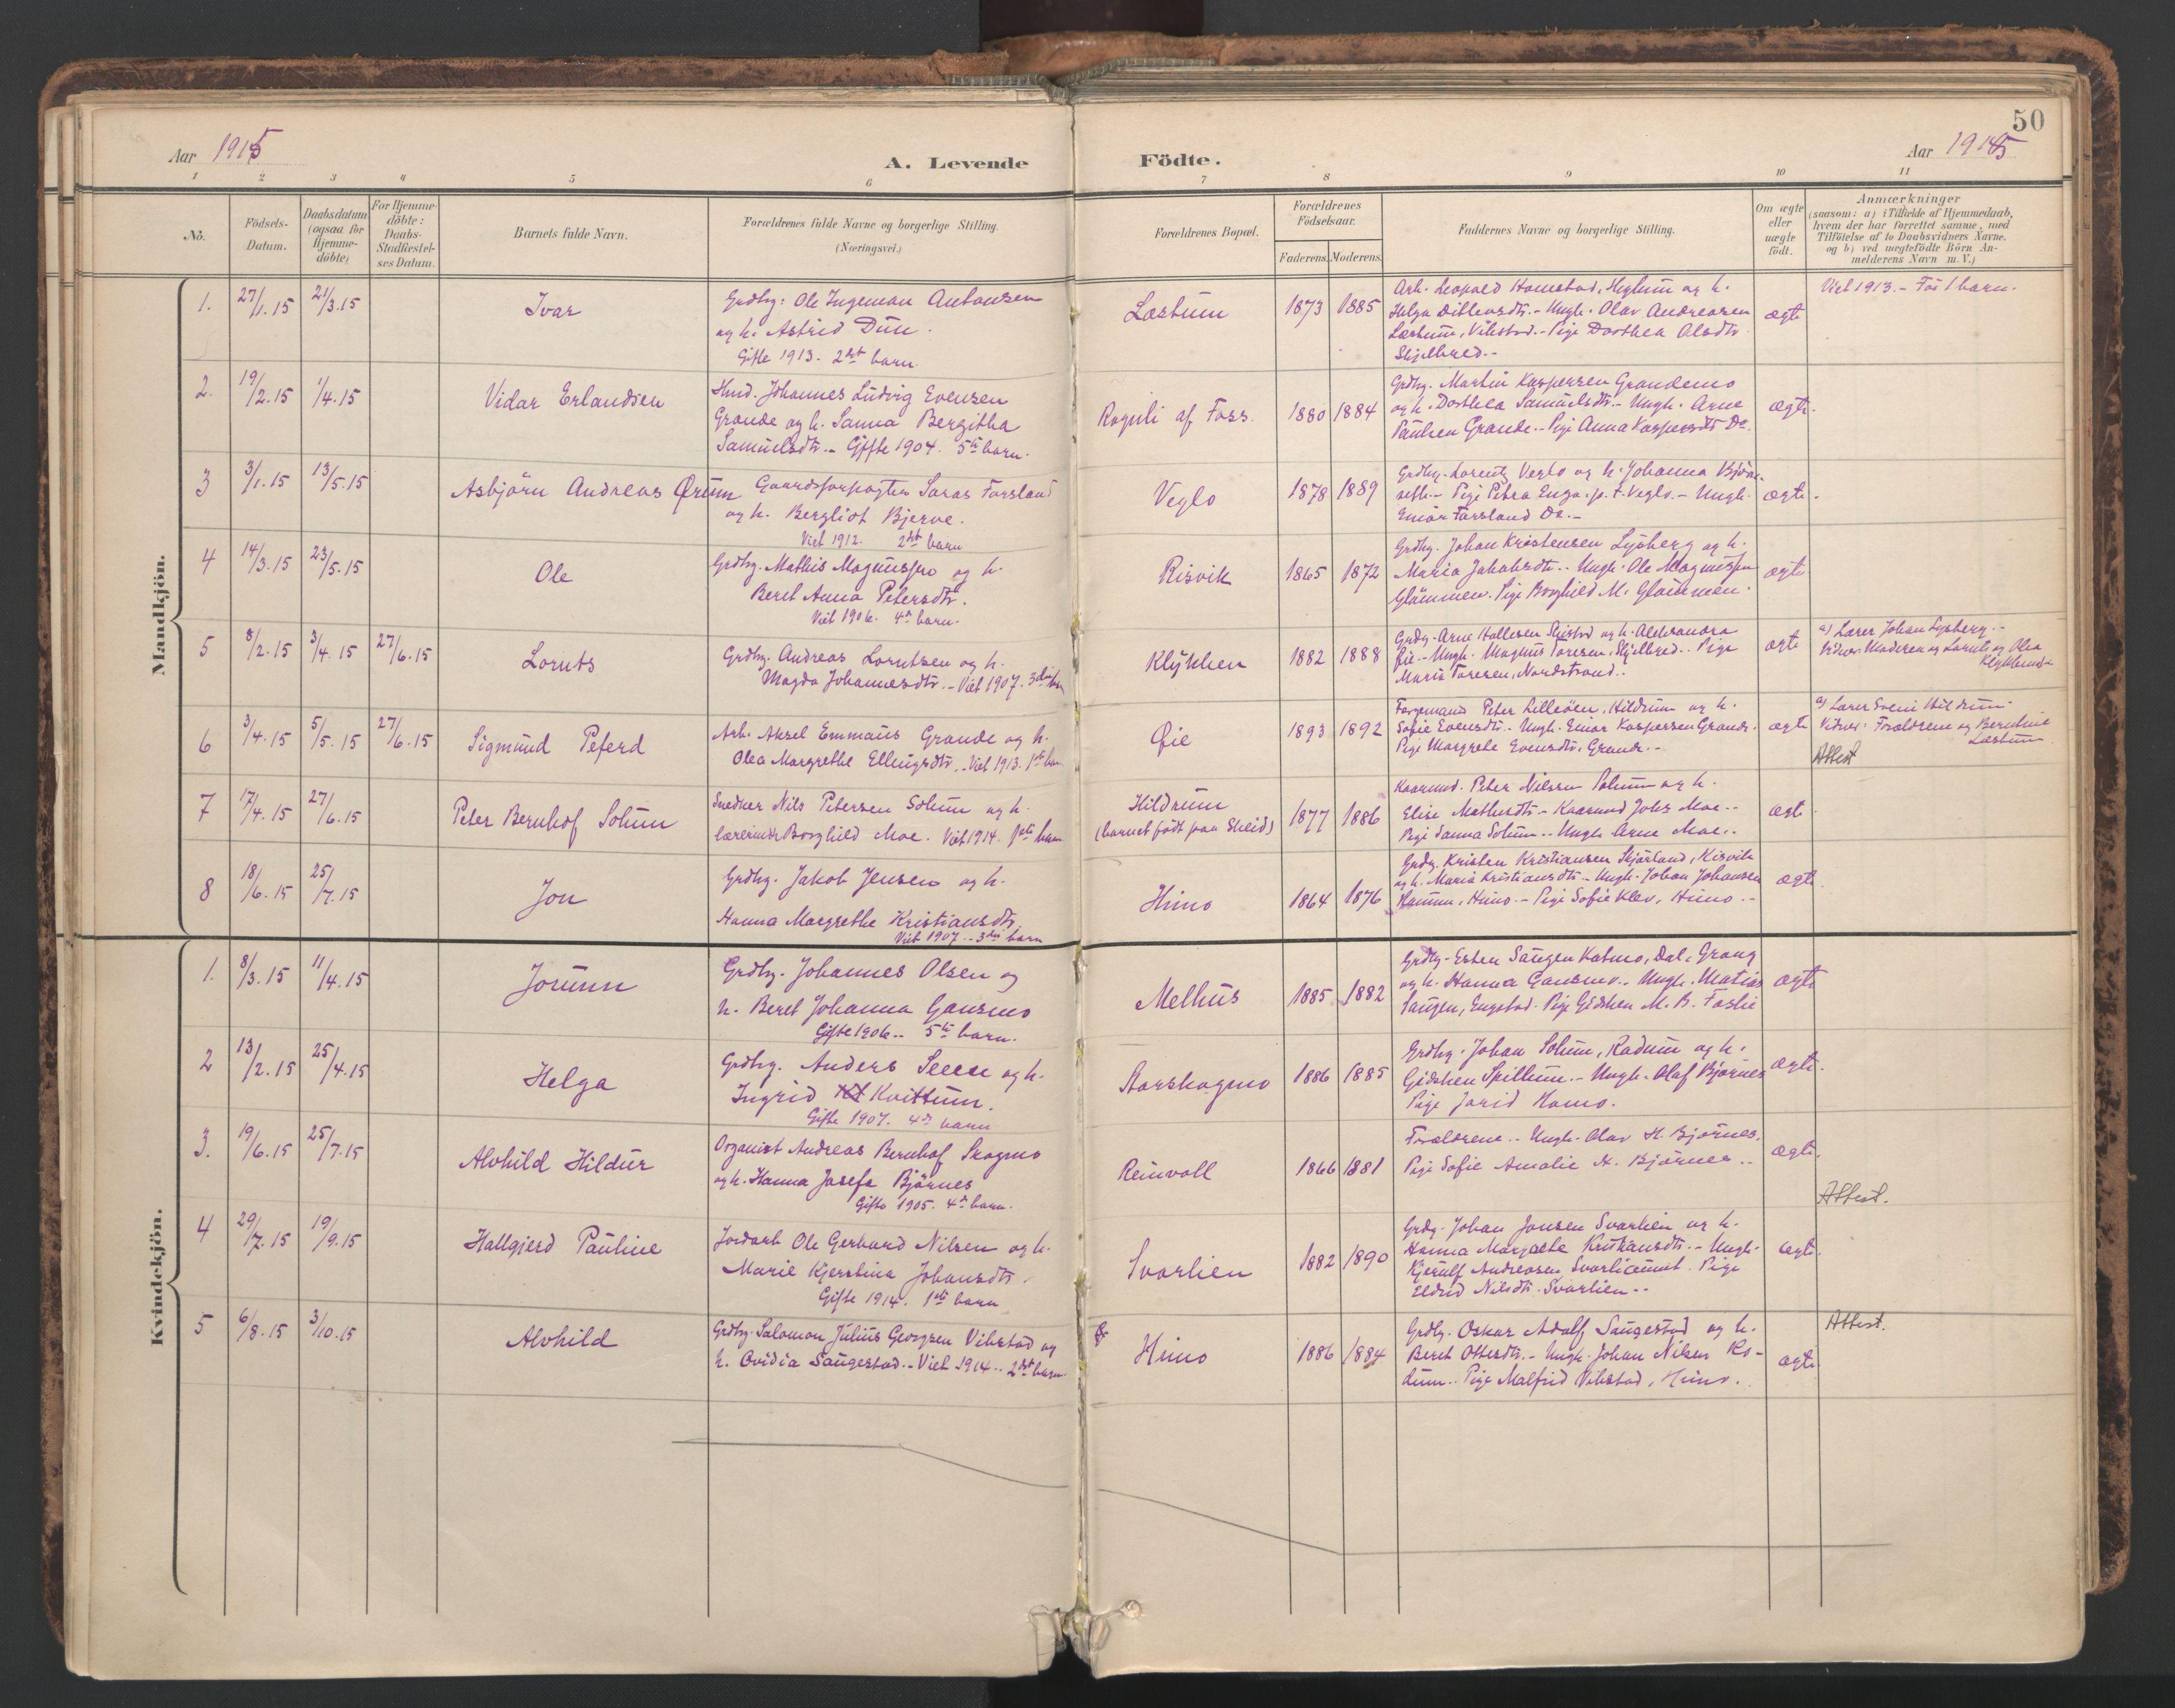 SAT, Ministerialprotokoller, klokkerbøker og fødselsregistre - Nord-Trøndelag, 764/L0556: Ministerialbok nr. 764A11, 1897-1924, s. 50